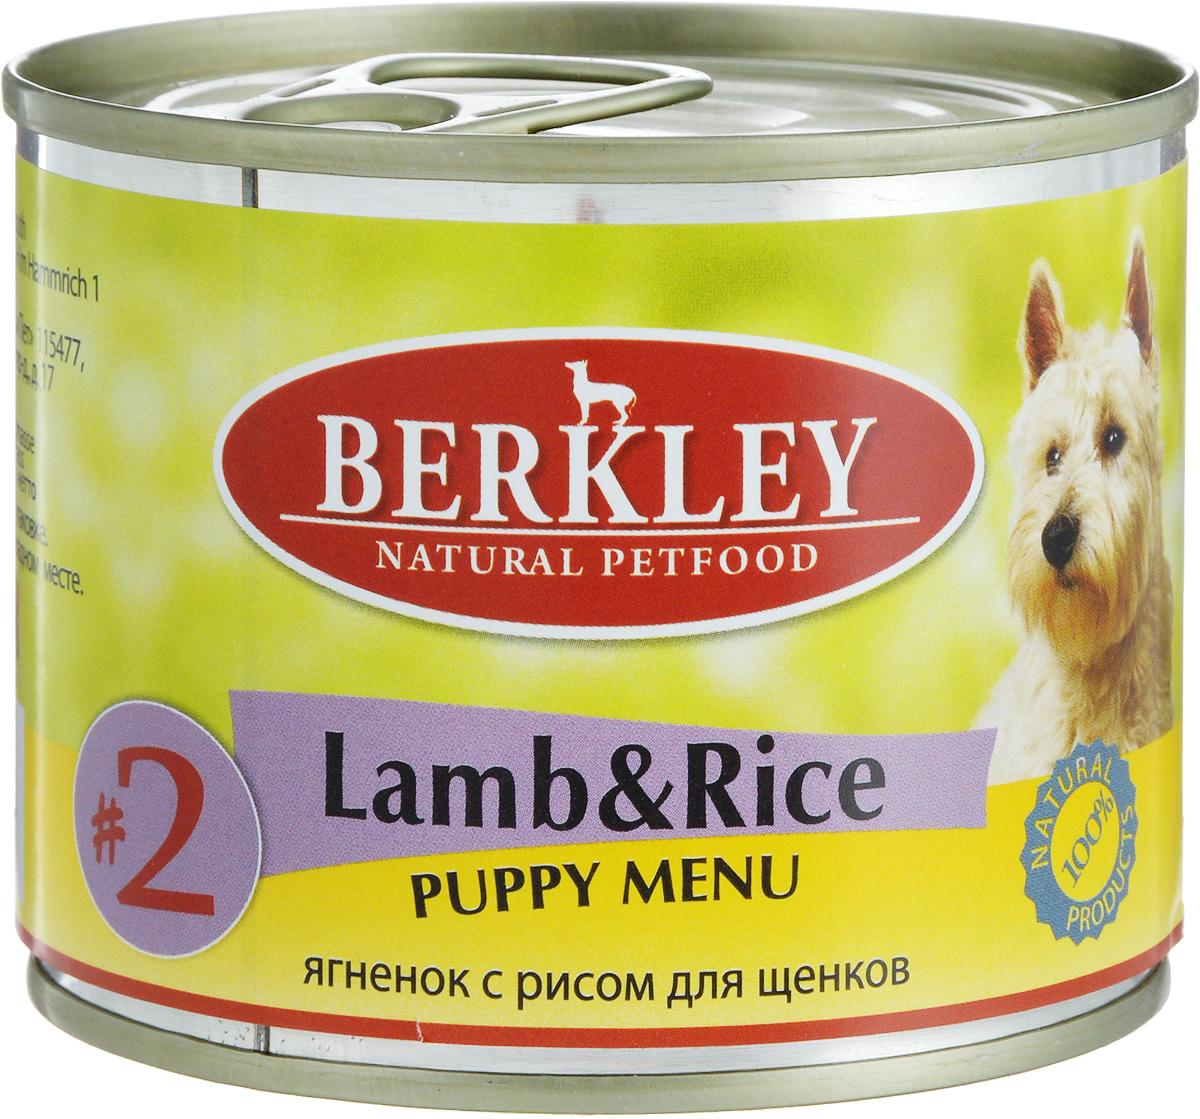 Консервы Berkley Puppy Menu, для щенков, ягненок с рисом, 200 г58034/75007Консервы Berkley Puppy Menu - полноценное консервированное питание для щенков. Не содержат сои, консервантов, искусственных красителей и ароматизаторов. Корм полностью удовлетворяет ежедневные энергетические потребности животного и обеспечивает оптимальное функционирование пищеварительной системы. Товар сертифицирован.